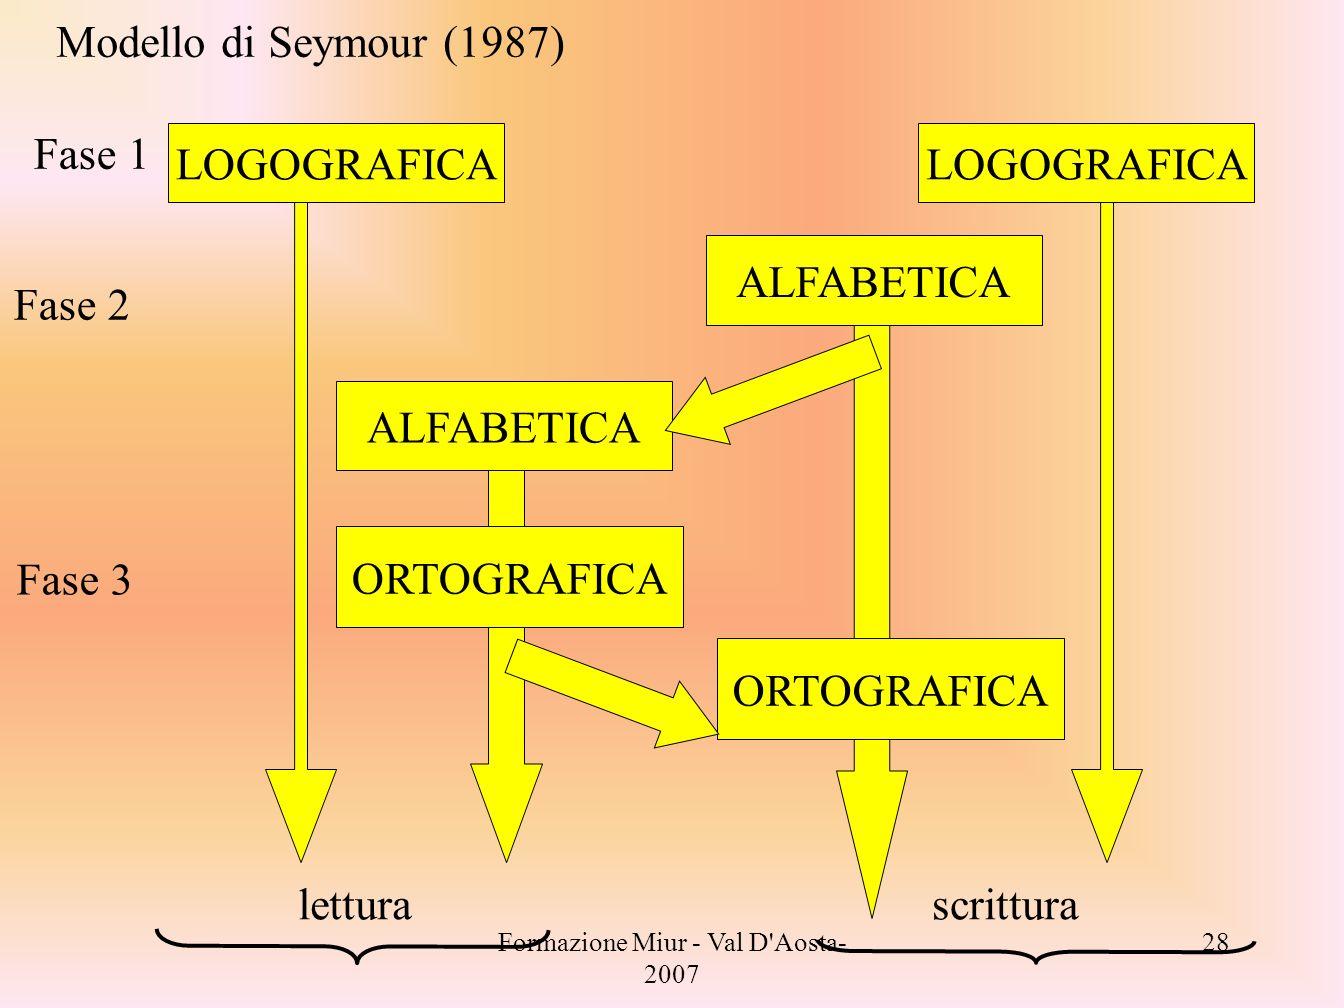 Formazione Miur - Val D'Aosta- 2007 28 Fase 1 LOGOGRAFICA letturascrittura ALFABETICA ORTOGRAFICA Fase 2 Fase 3 Modello di Seymour (1987)